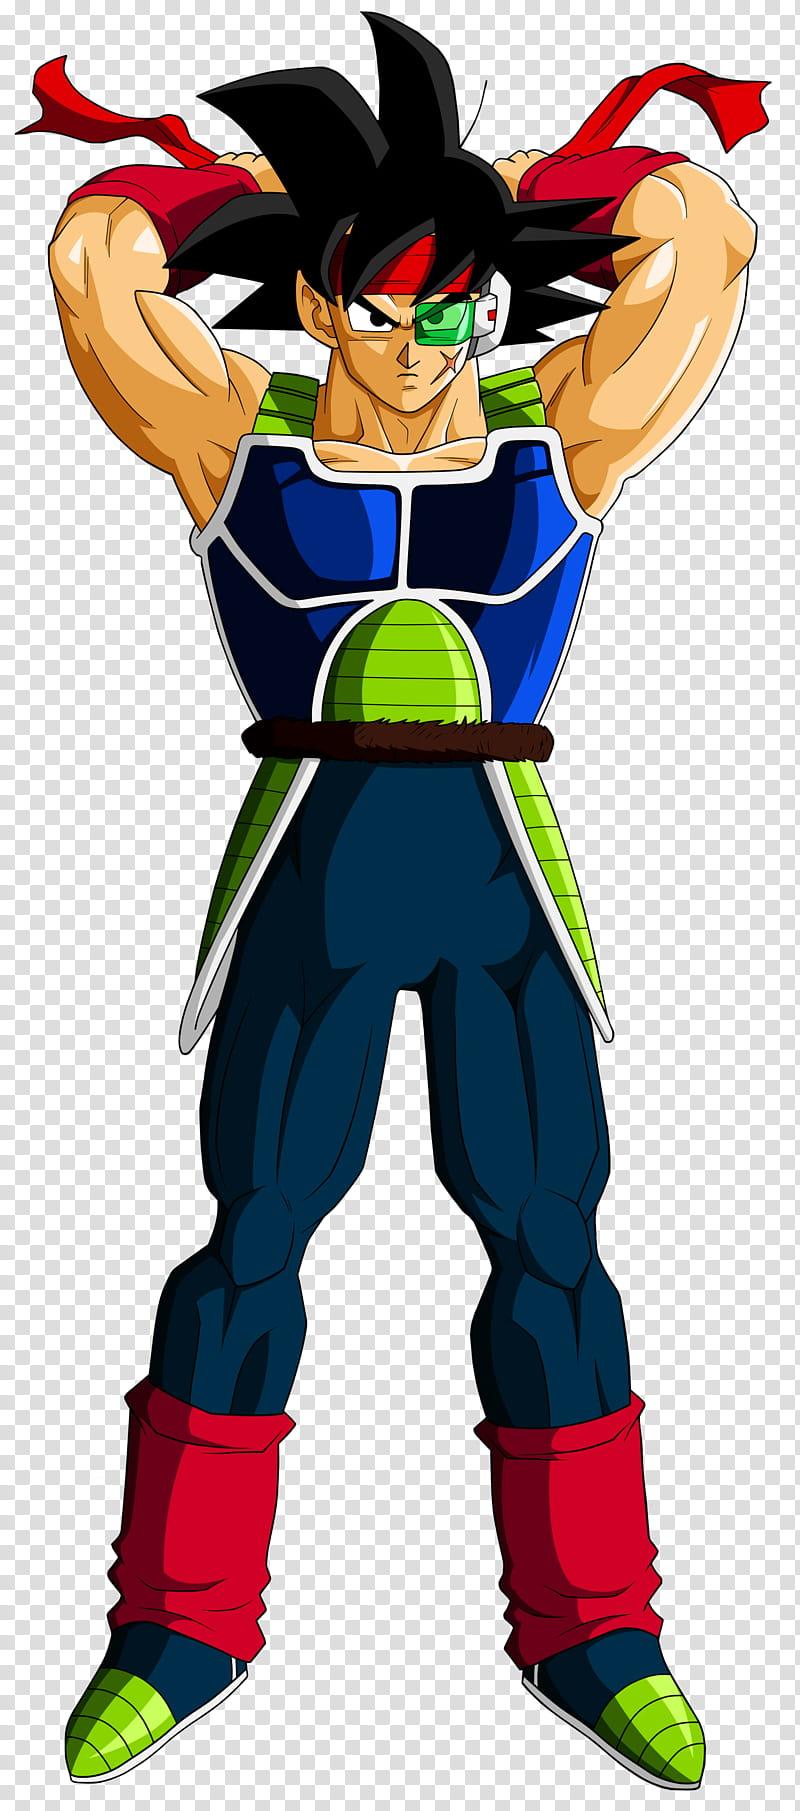 Bardock, Dragon Ball Goku art transparent background PNG.